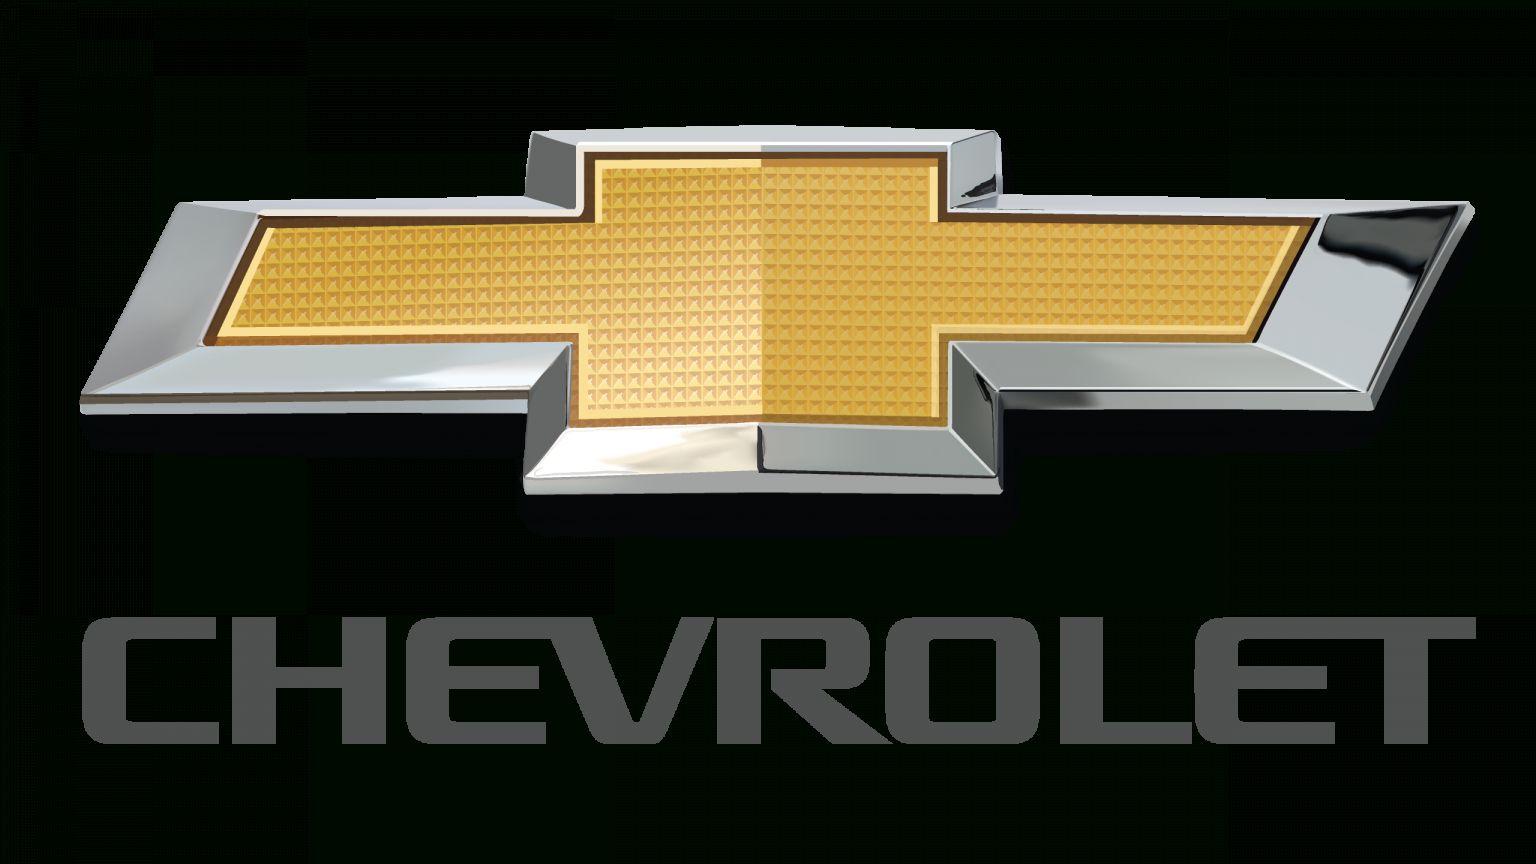 10 Logo De Chevrolet Png Chevrolet Logo Car Brands Logos 15 Logo